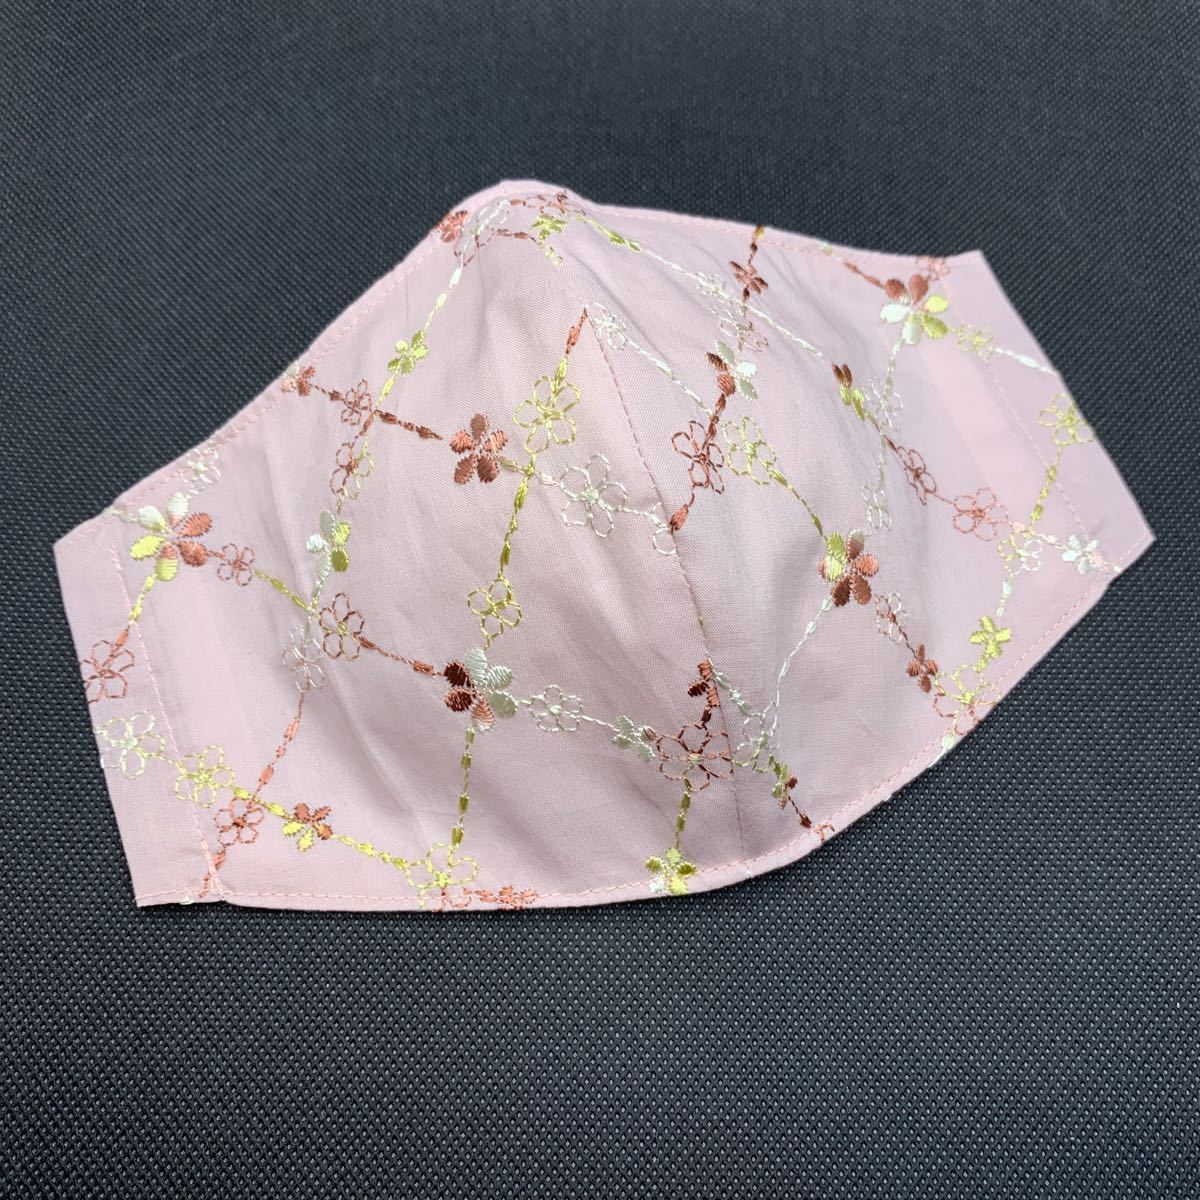 ハンドメイド 立体インナーマスク コットン刺繍 大きめサイズ 大人用 高島ちぢみ くすみピンク